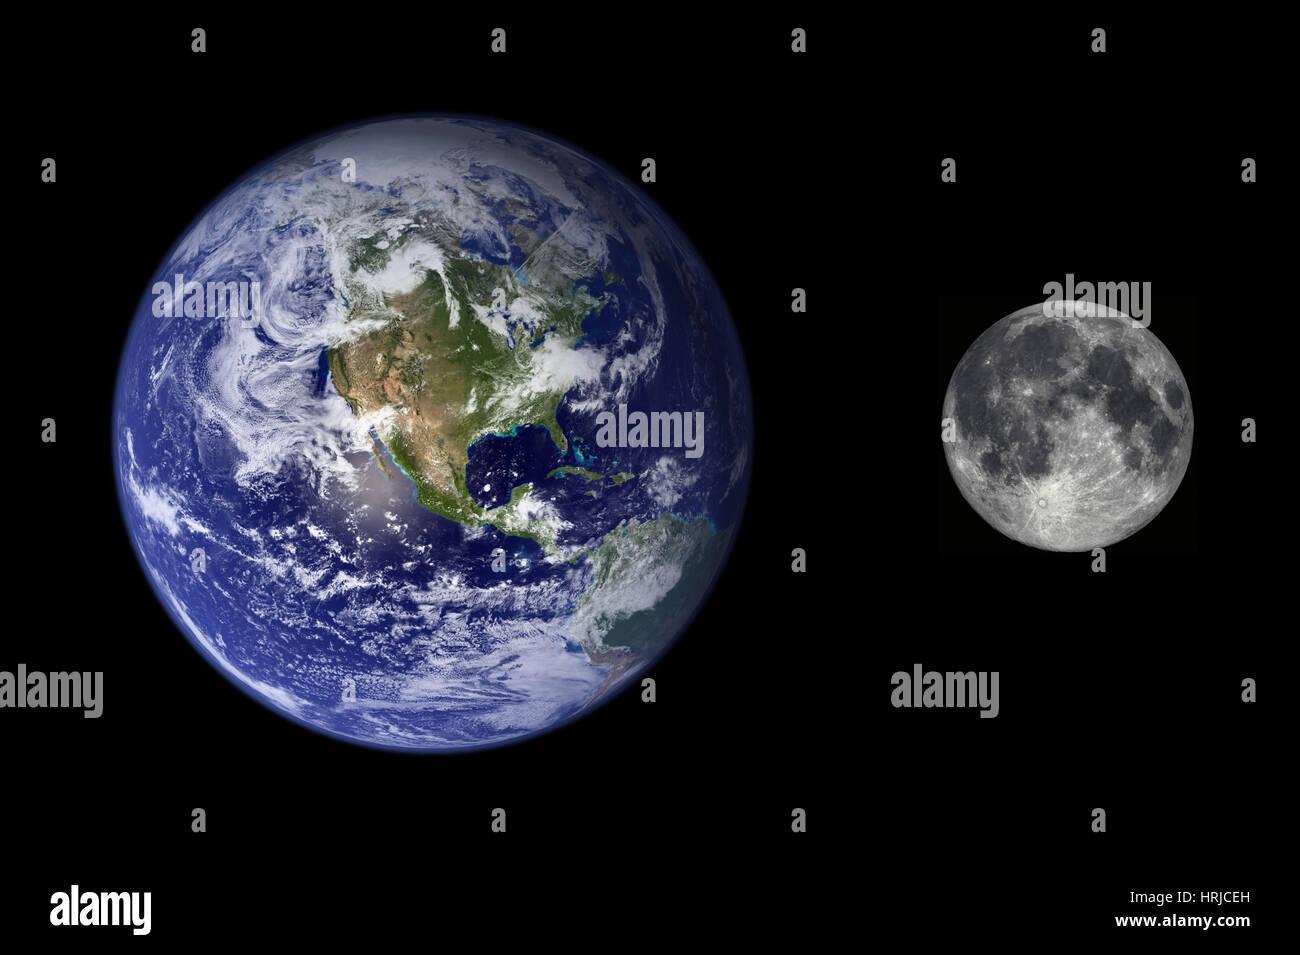 Erde und Mond Größenvergleich Stockfoto